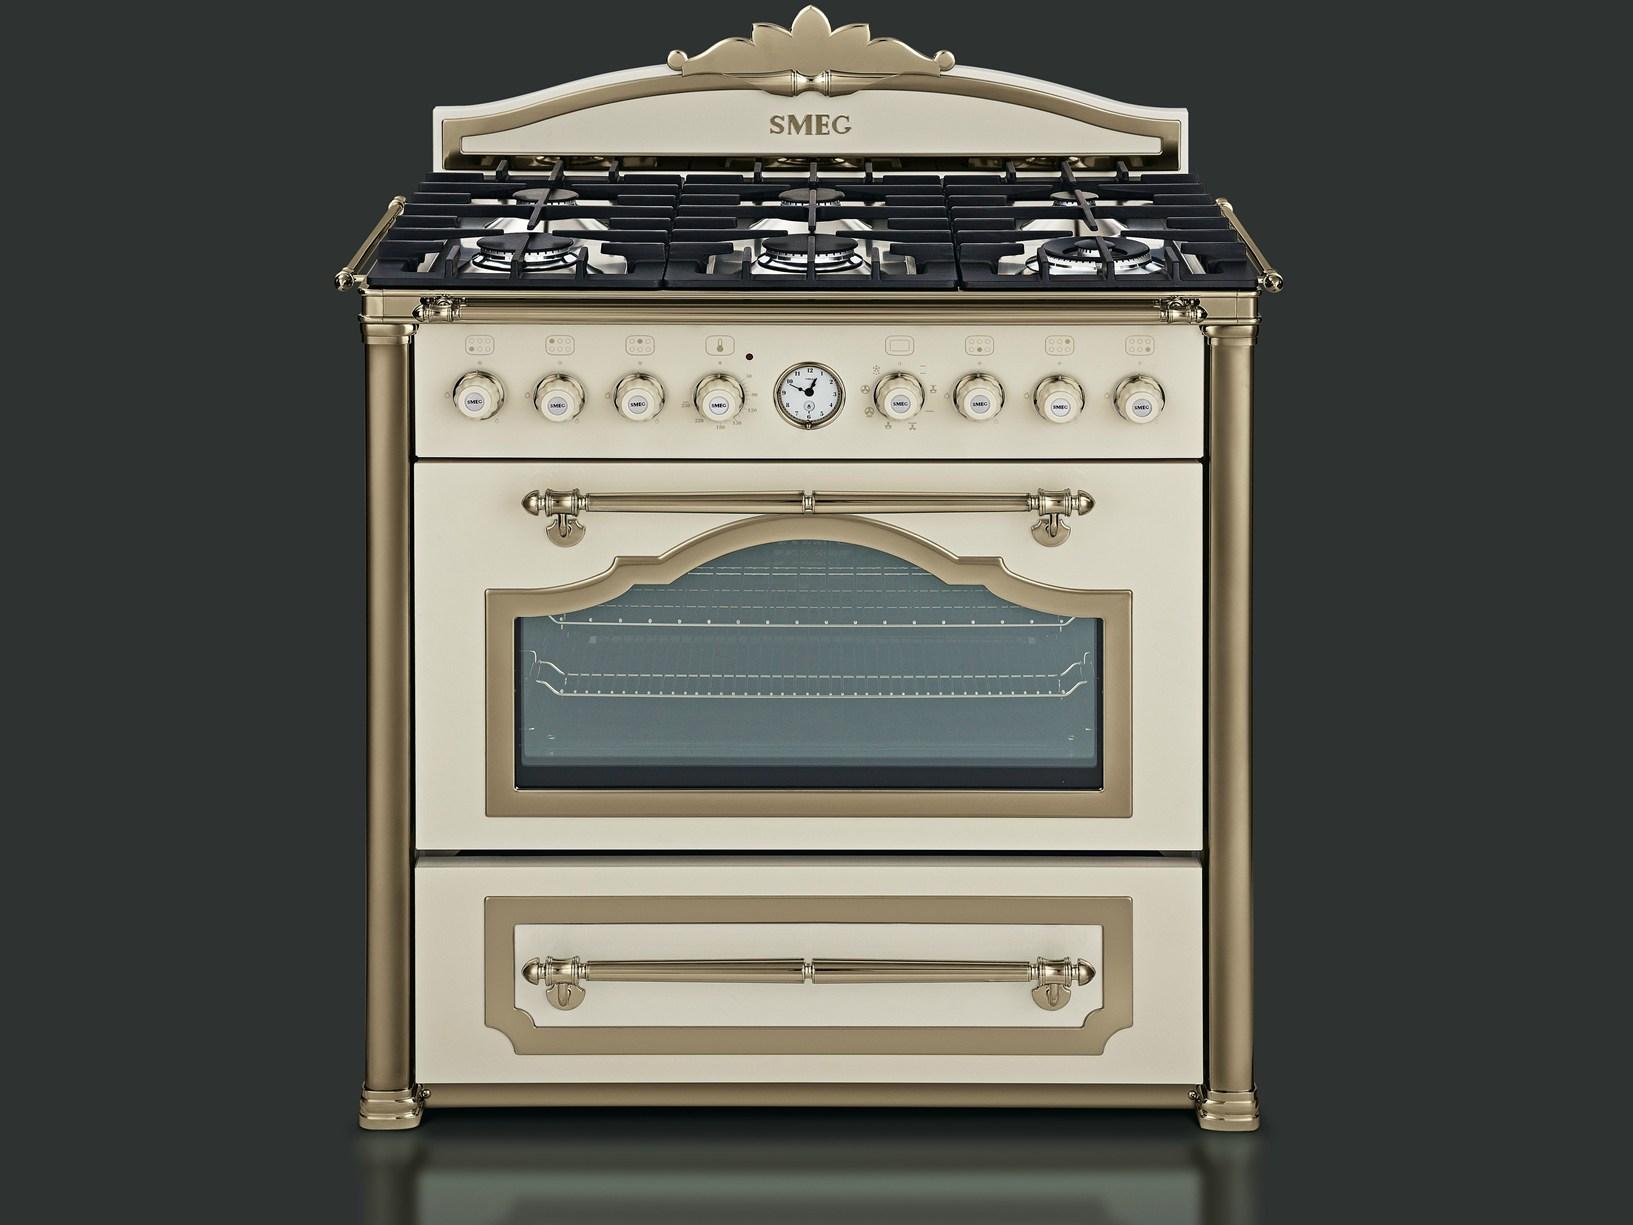 красивые кухонные плиты в ретро стиле SMEG Краснодар